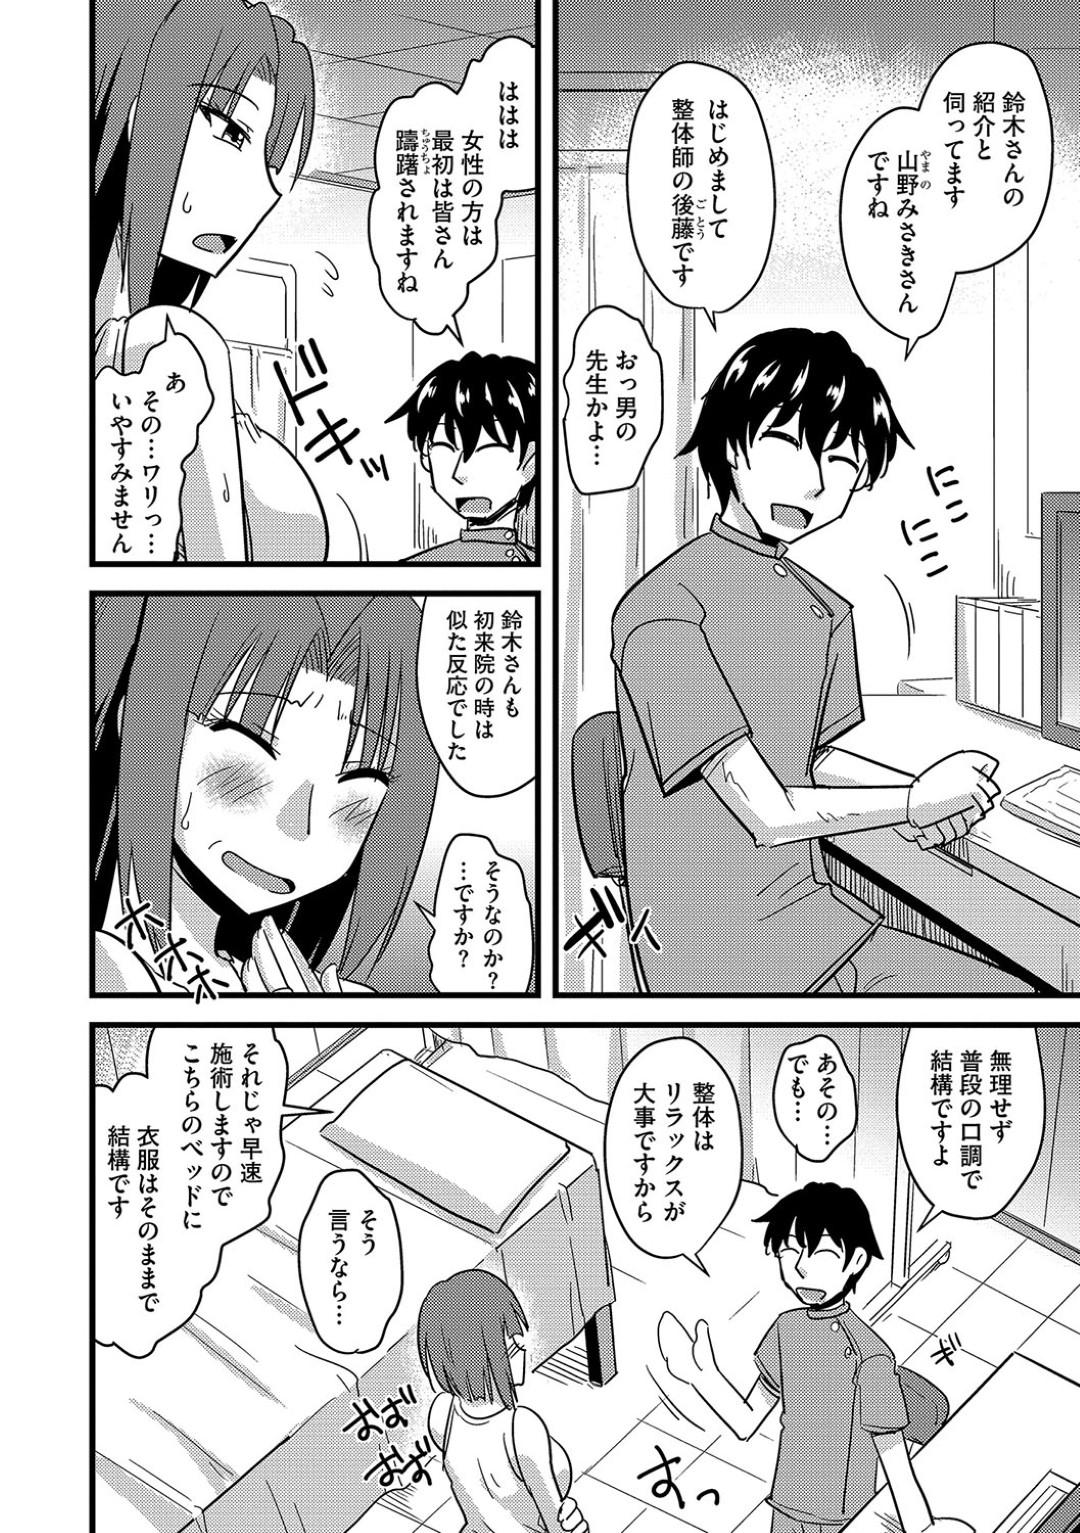 【エロ漫画】整体に行った爆乳人妻は変態整体師に触手責めにされ生ハメレイプでイッてしまう